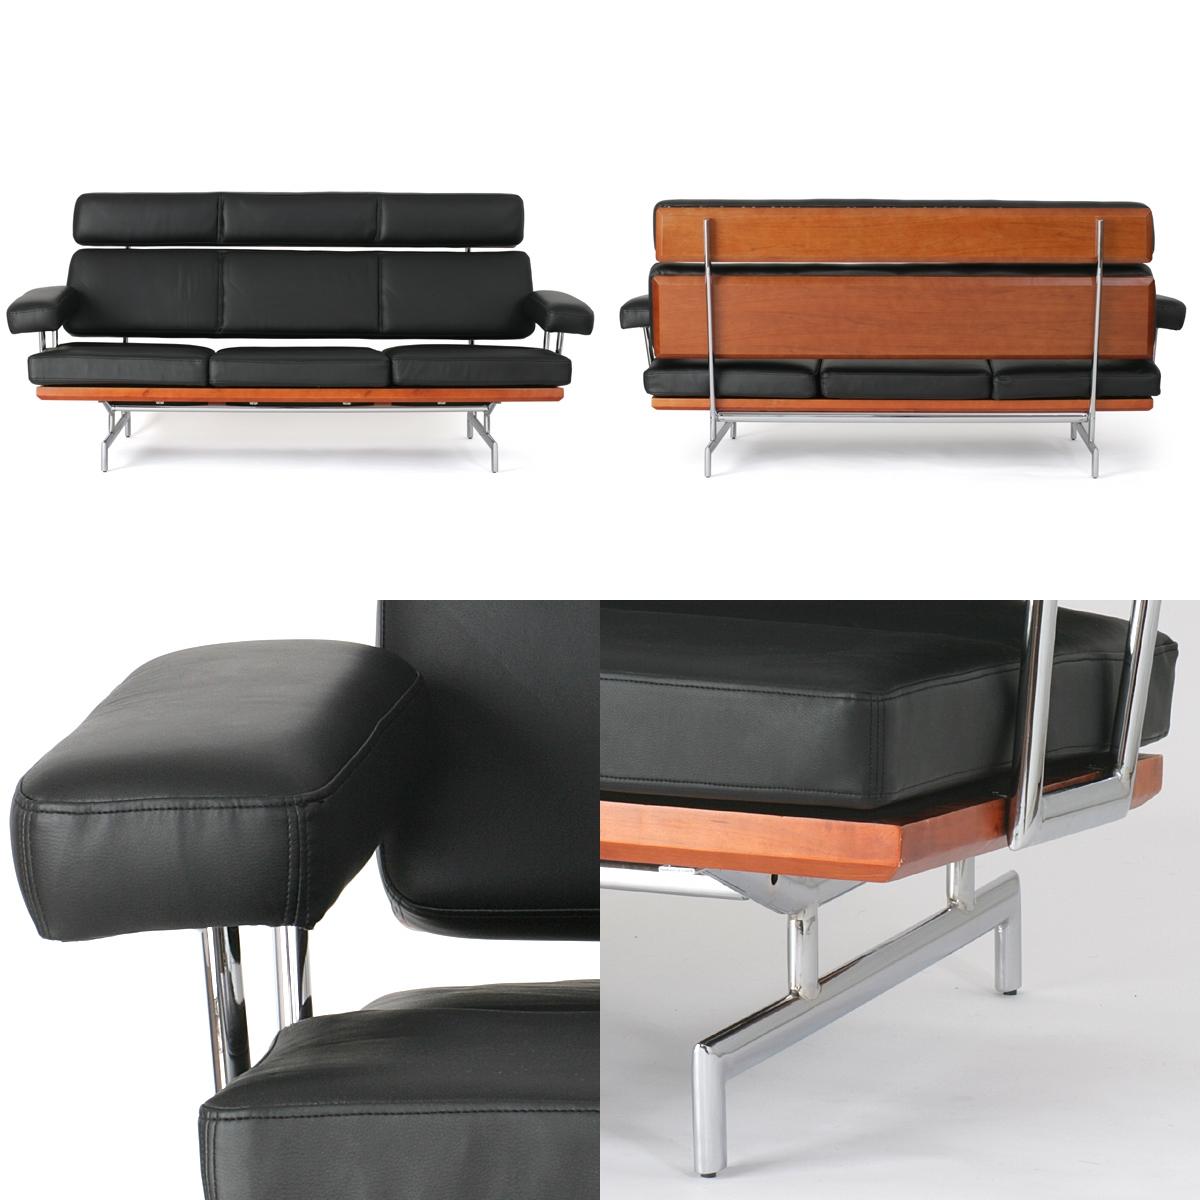 Eames 3 Seat Sofa Replica Sofa Menzilperde Net Eames Compact Sofa Replica